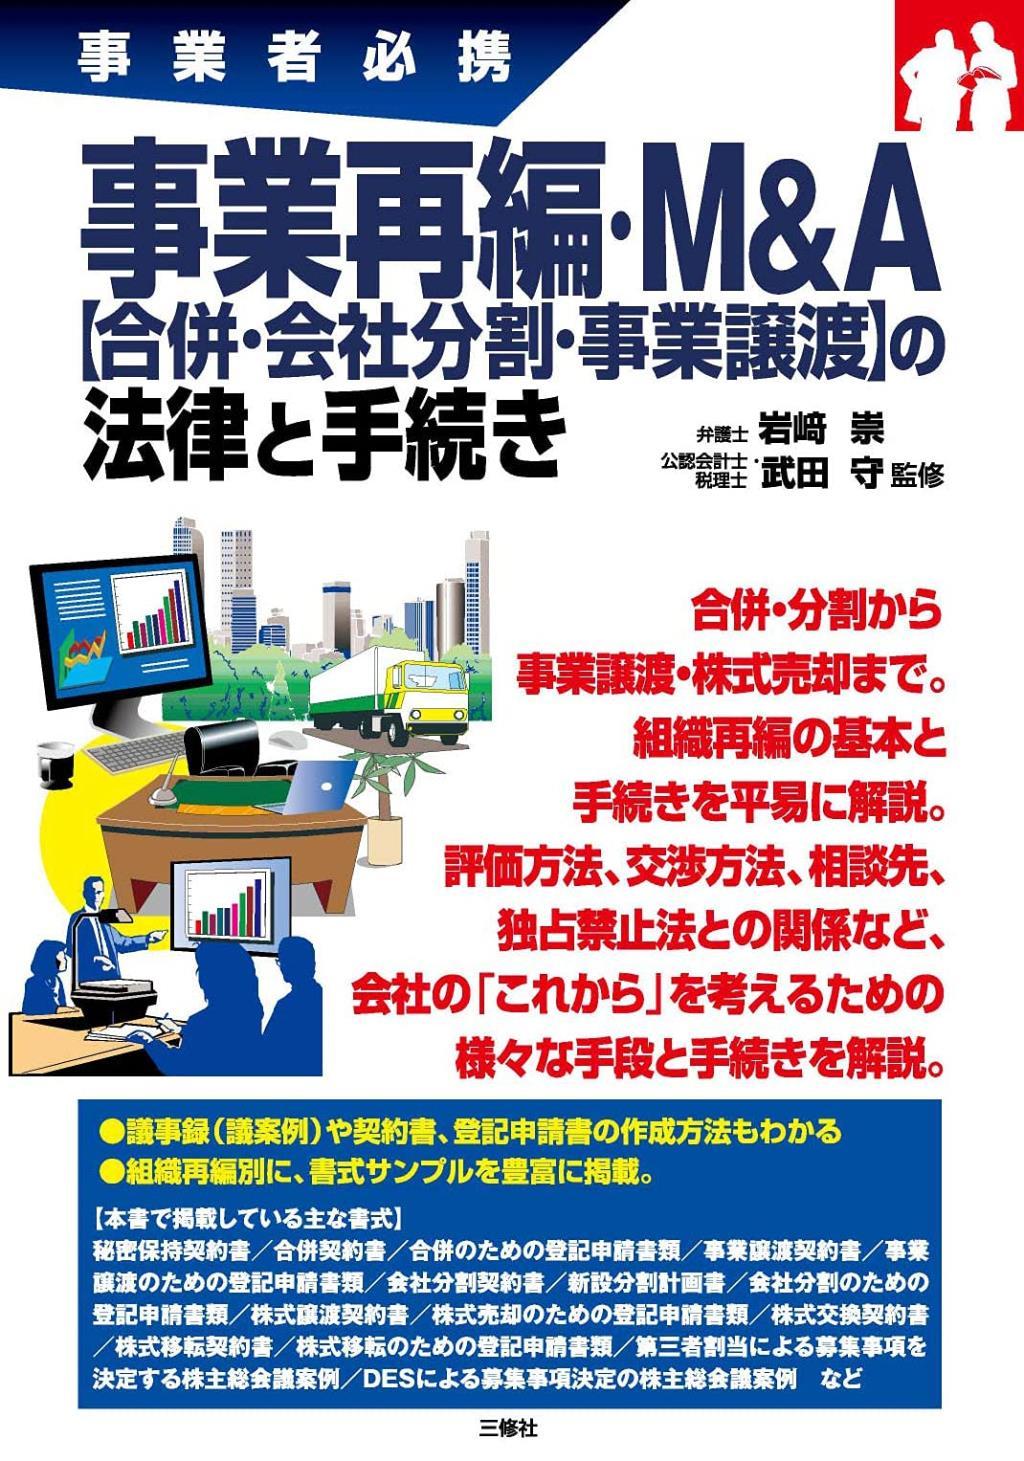 事業再編・M&A【合併・会社分割・事業譲渡】の法律と手続き